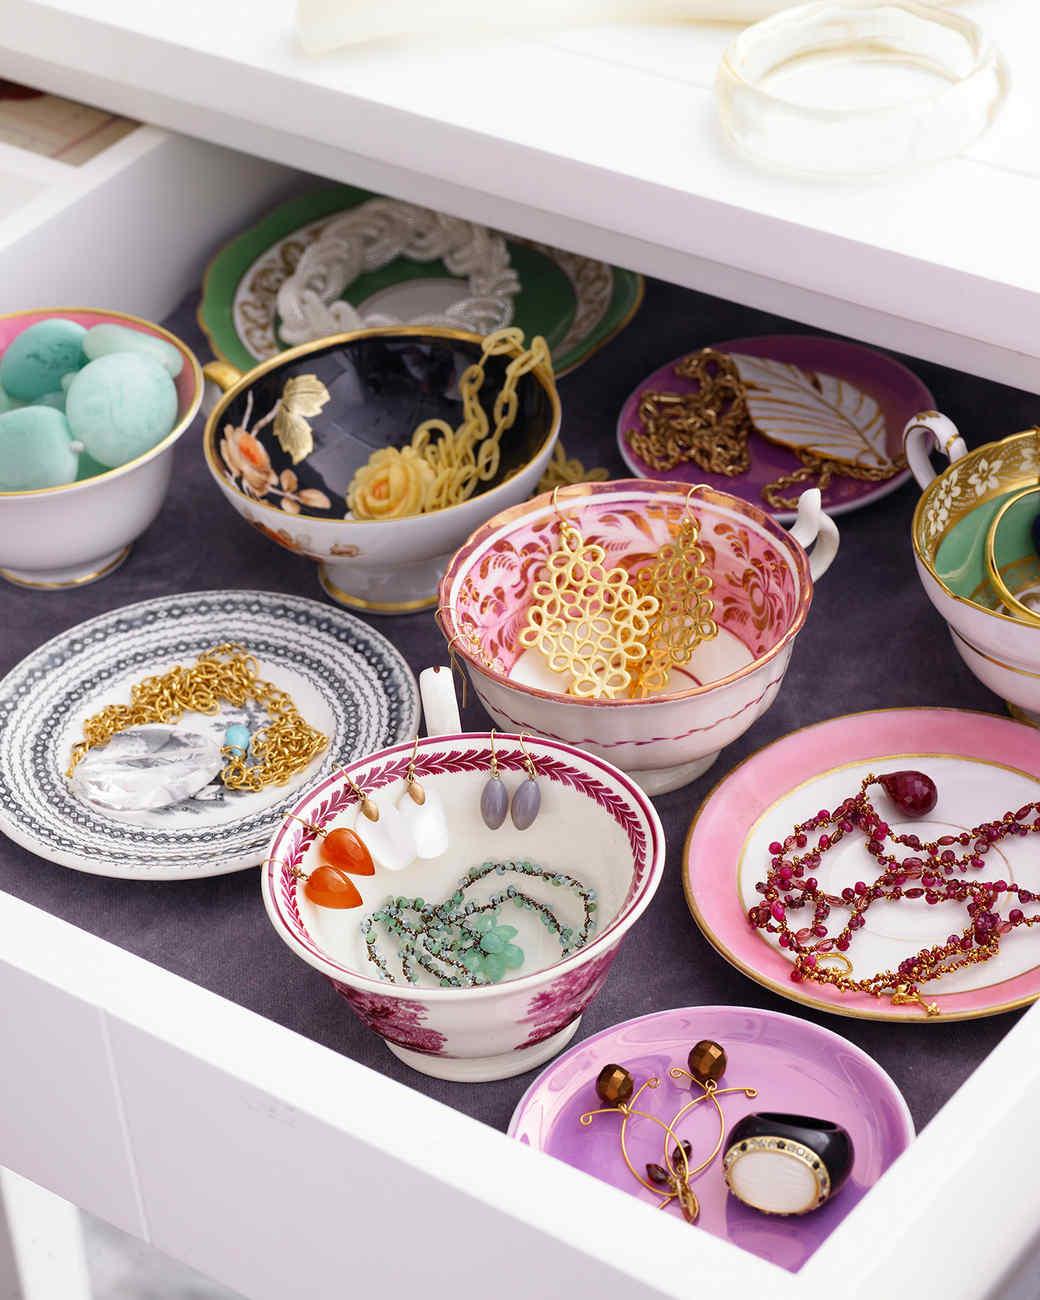 ÐаÑÑинки по запÑоÑÑ storage for jewelry dish